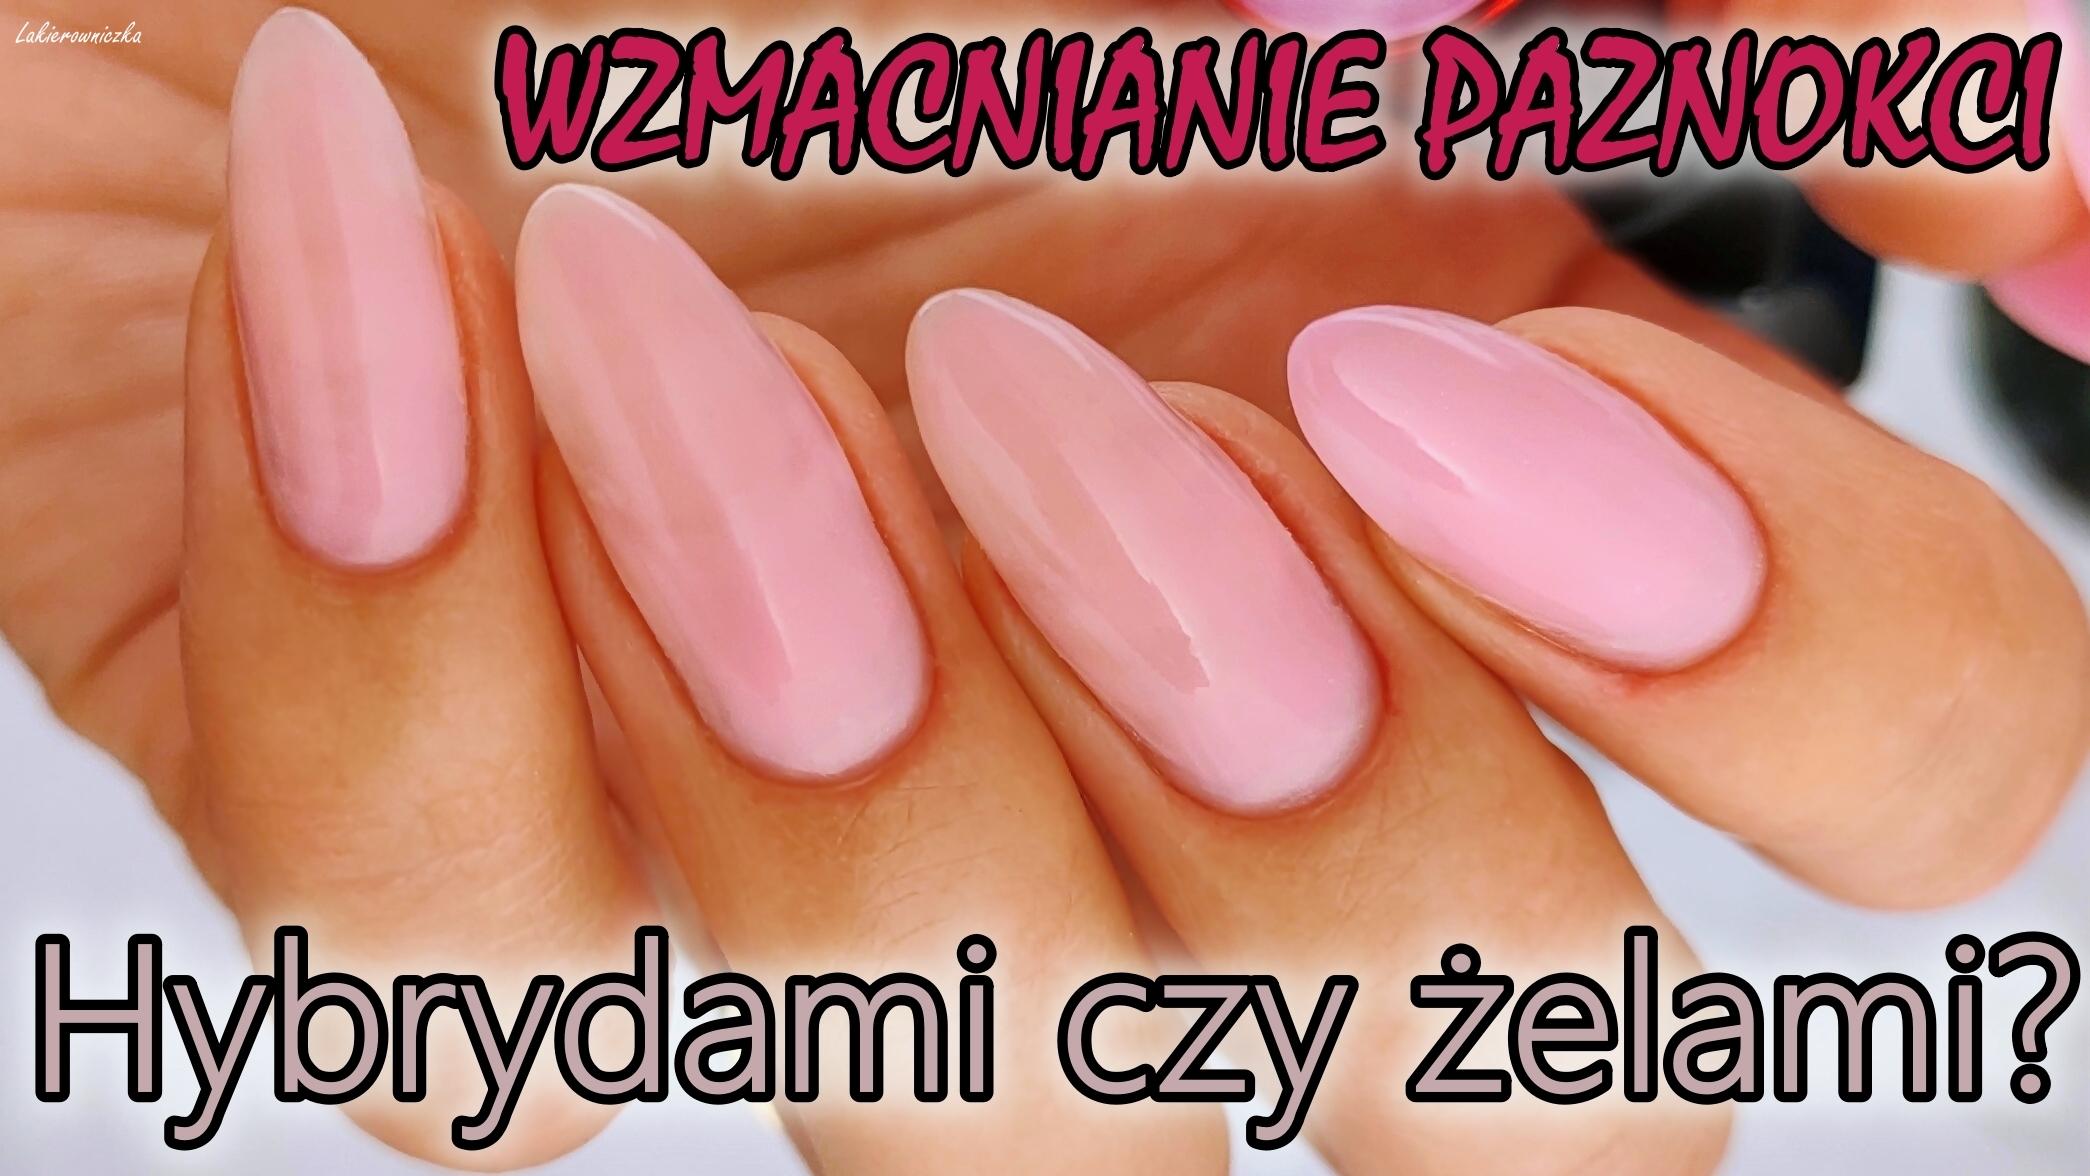 wzmacnianie-naturalnej-plytki-paznokcia-Slowianka-baza-budujaca-zel-hybryda-akryl-tytan-Lakierowniczka